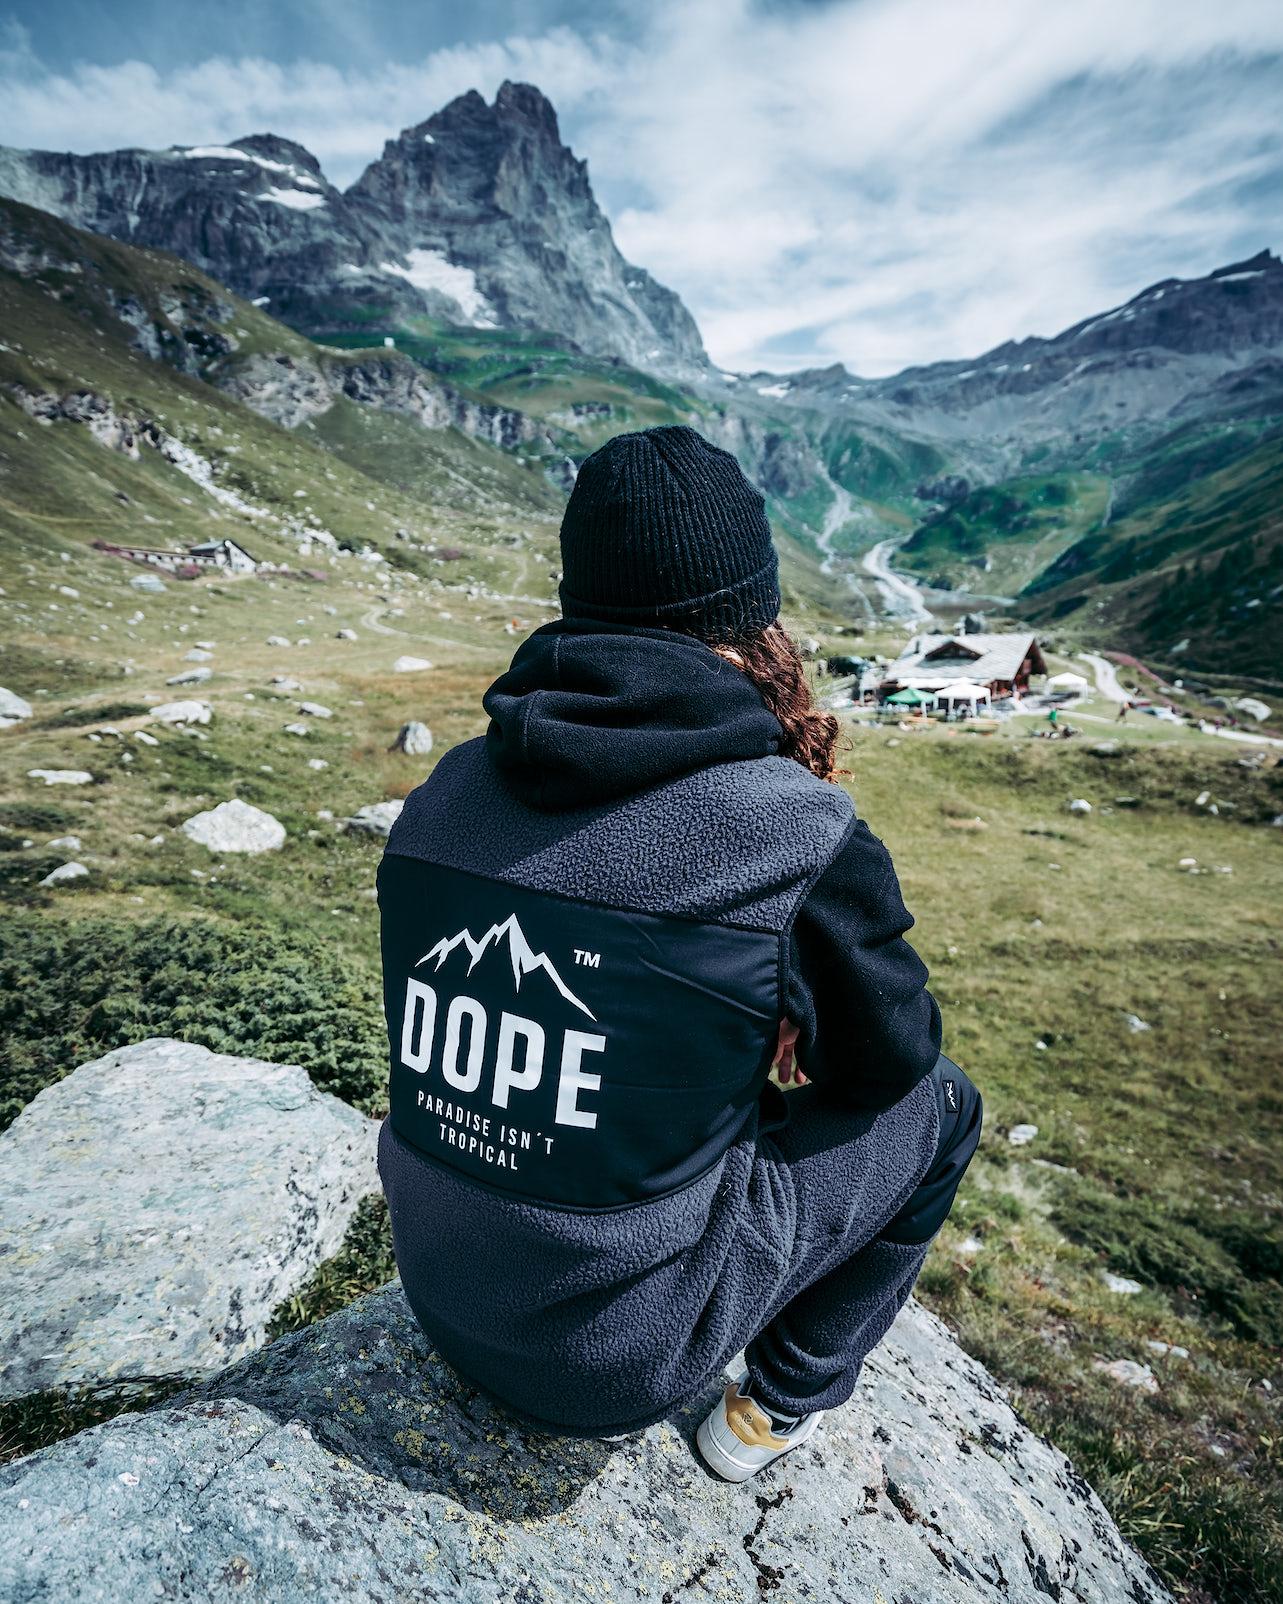 Köp Ollie Väst från Dope på Ridestore.se Hos oss har du alltid fri frakt, fri retur och 30 dagar öppet köp!